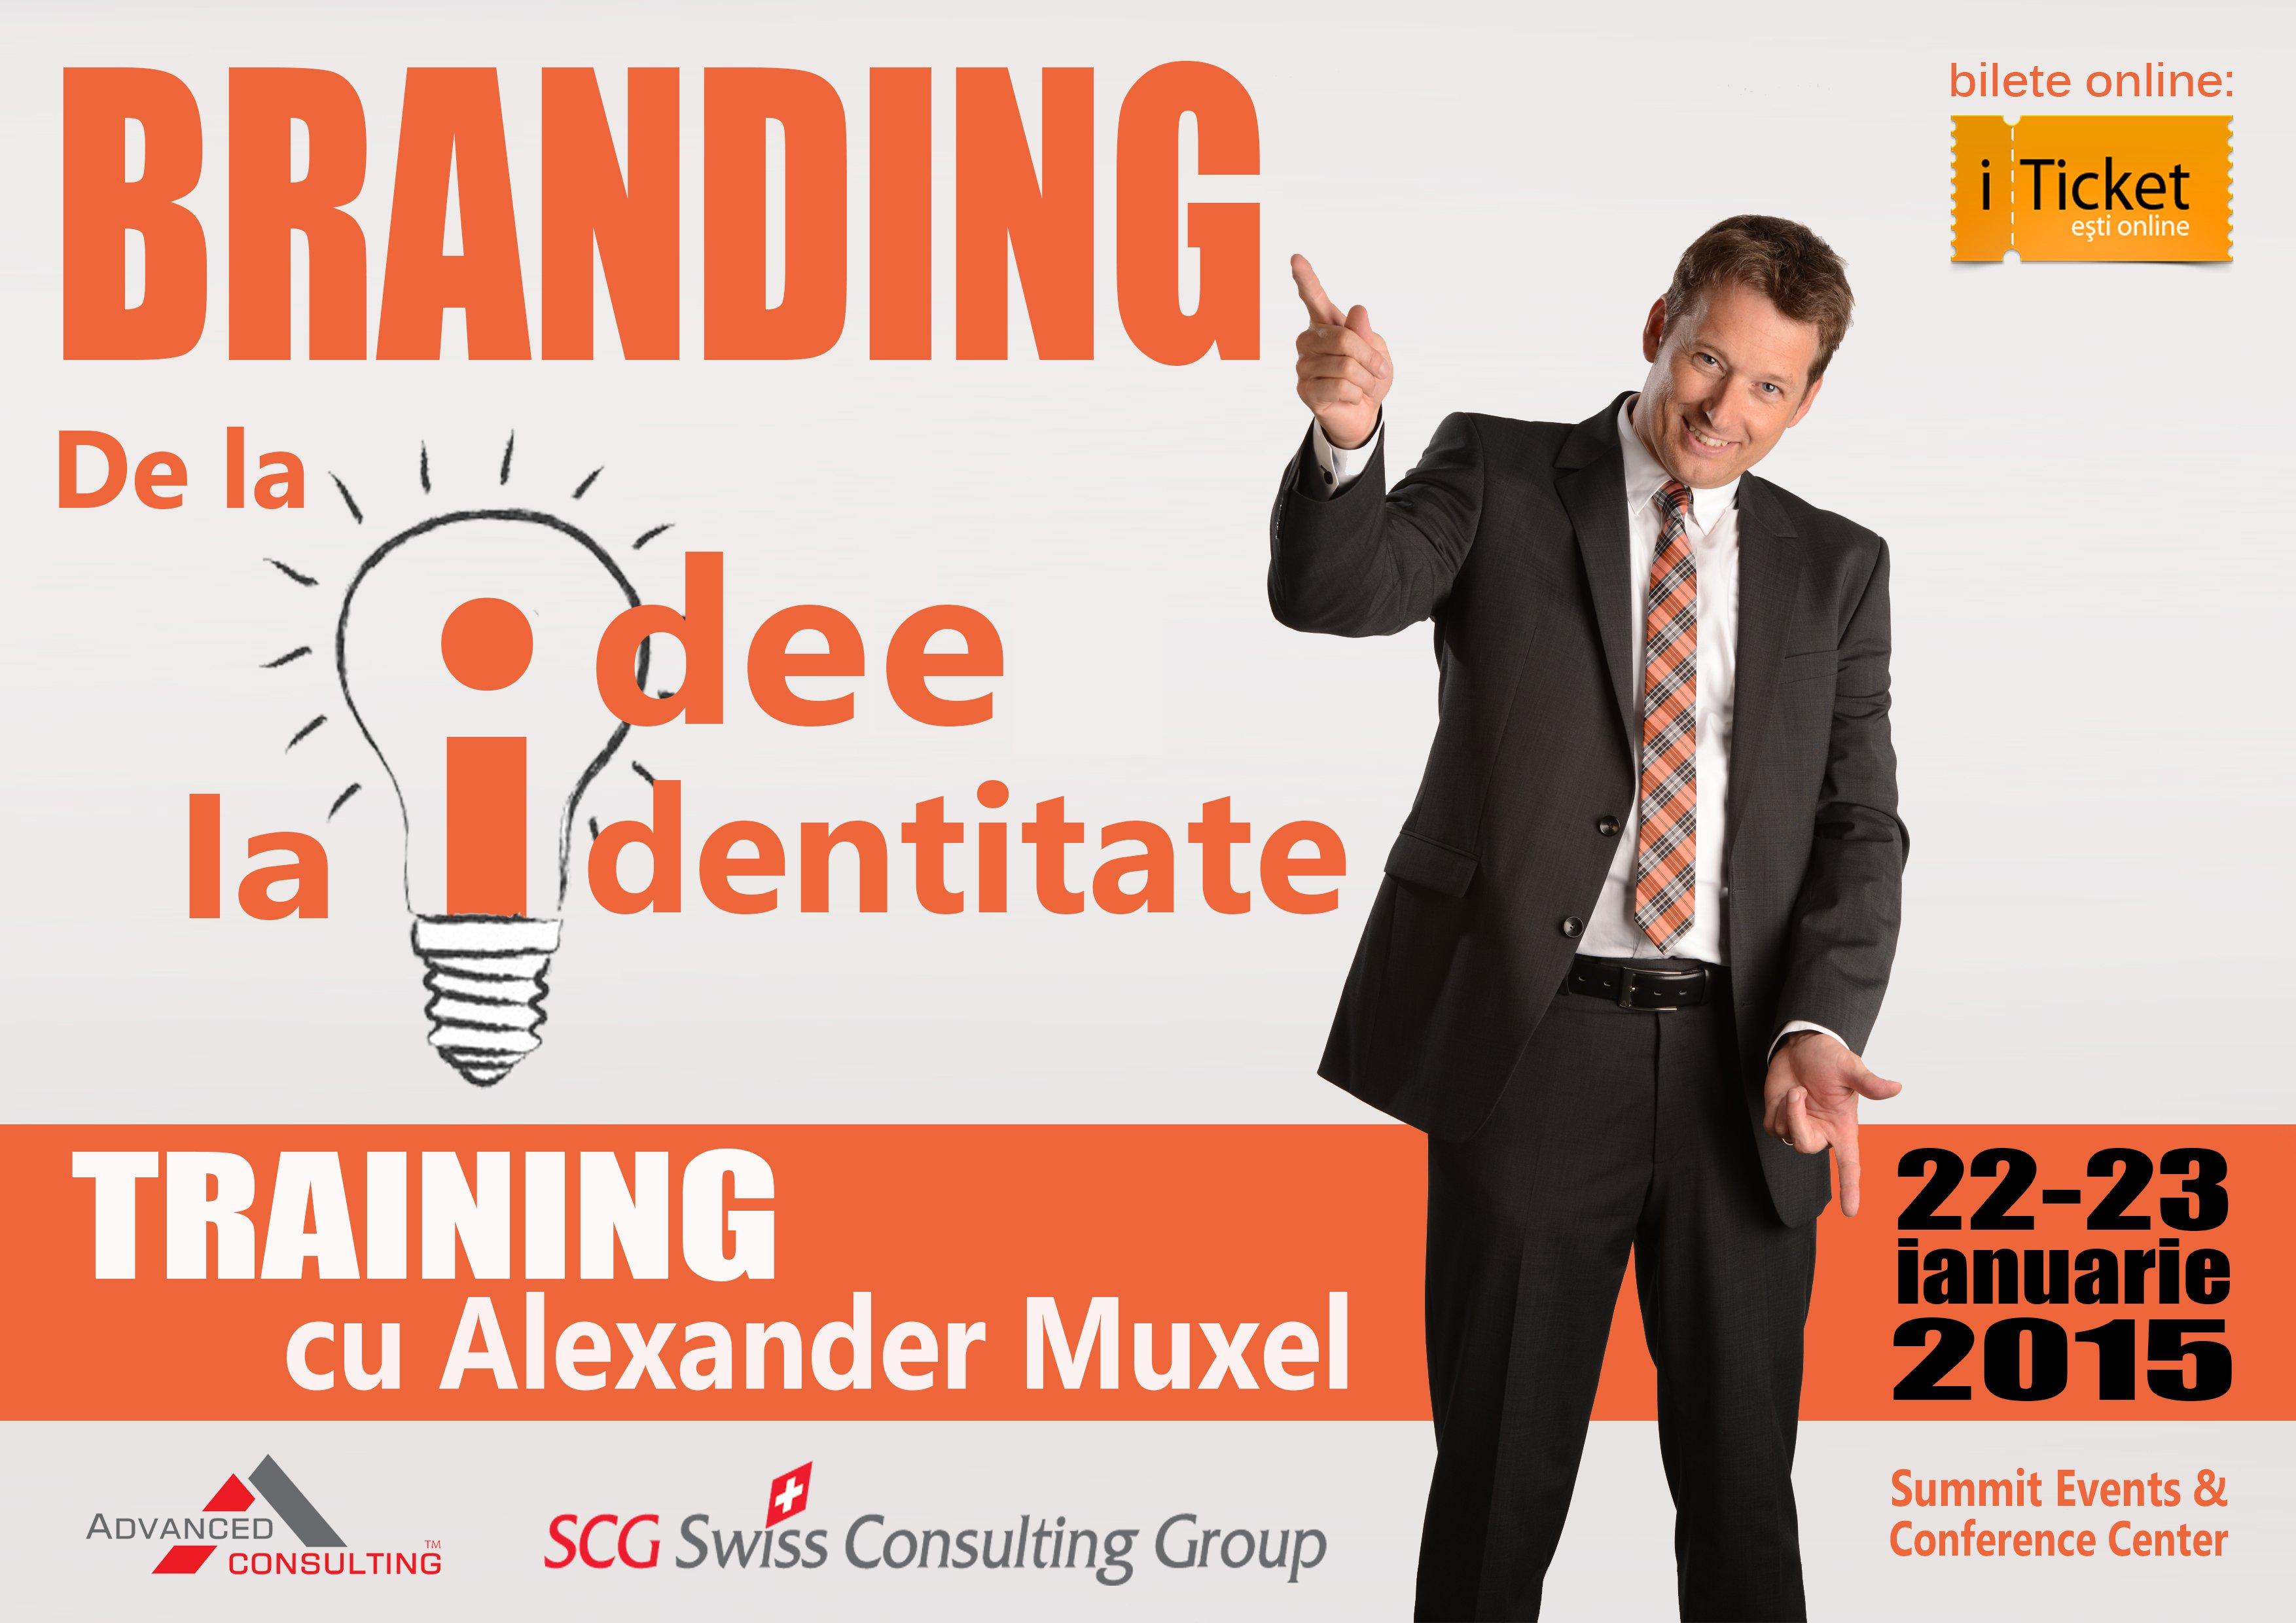 Branding: De la ideie la identitate